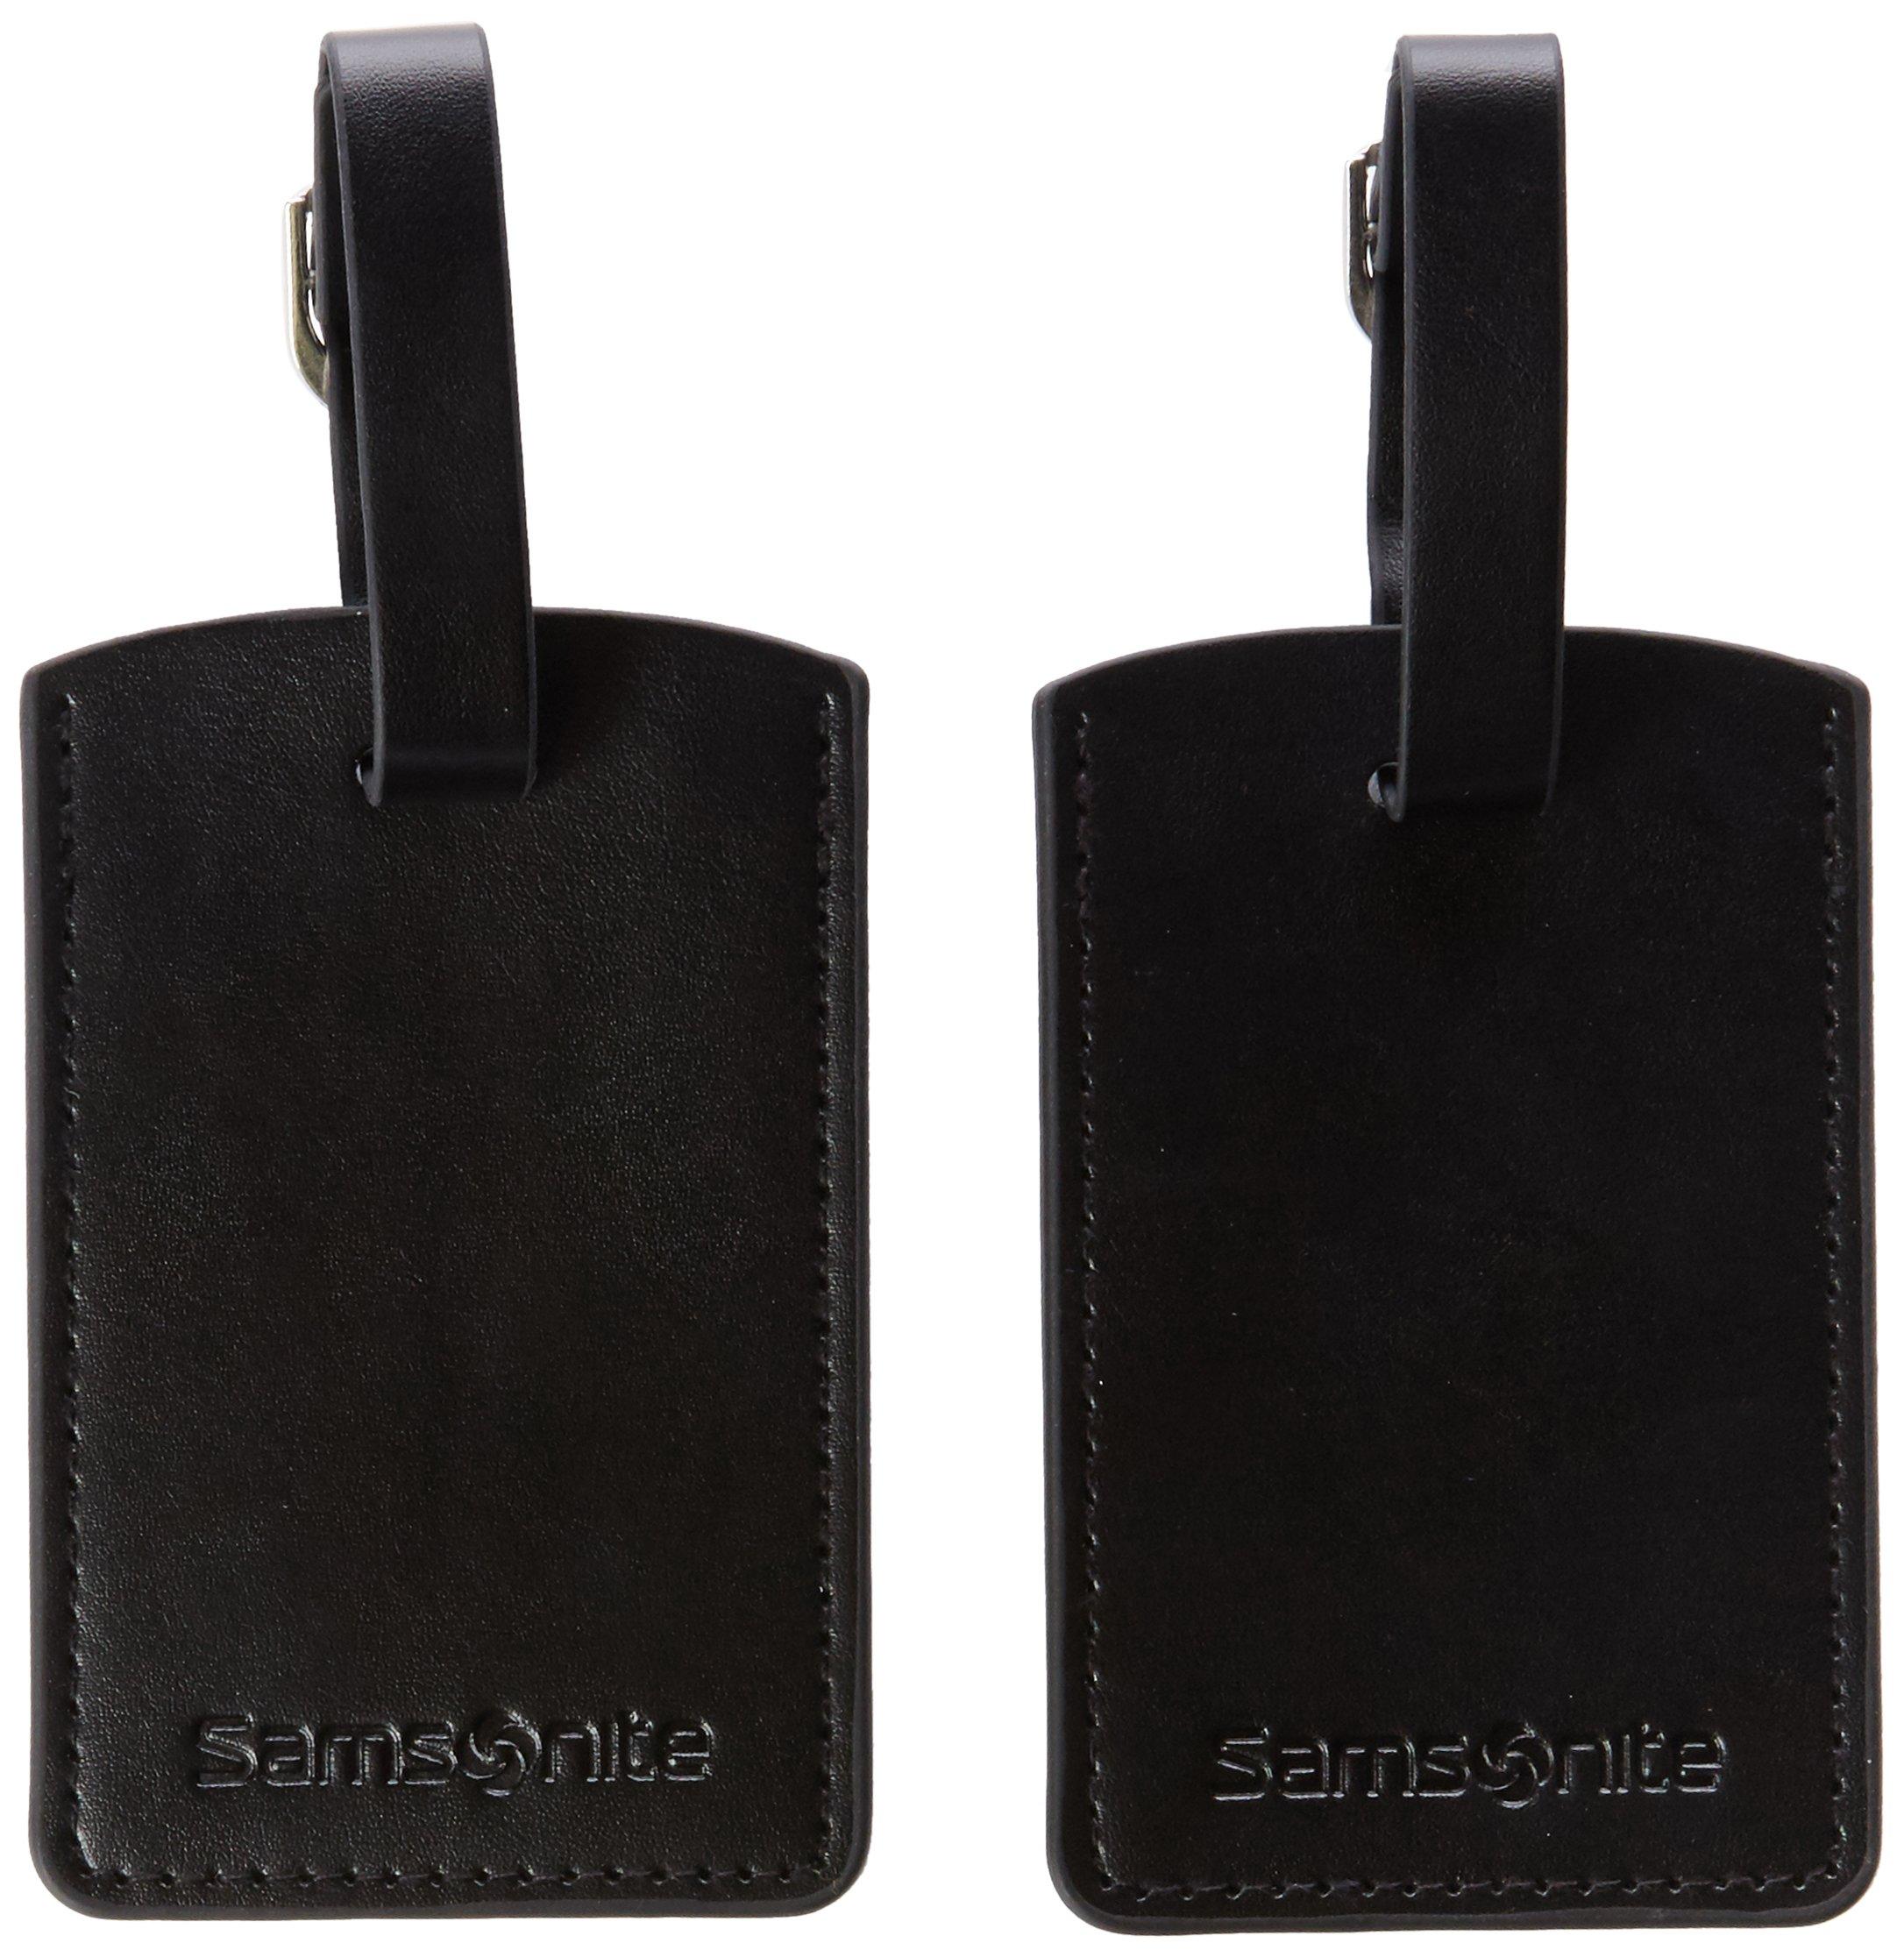 Samsonite Travel Accessoire Etiquette pour Bagage, 23 cm, Noir 52972 1041  product image c629e1b9d6d